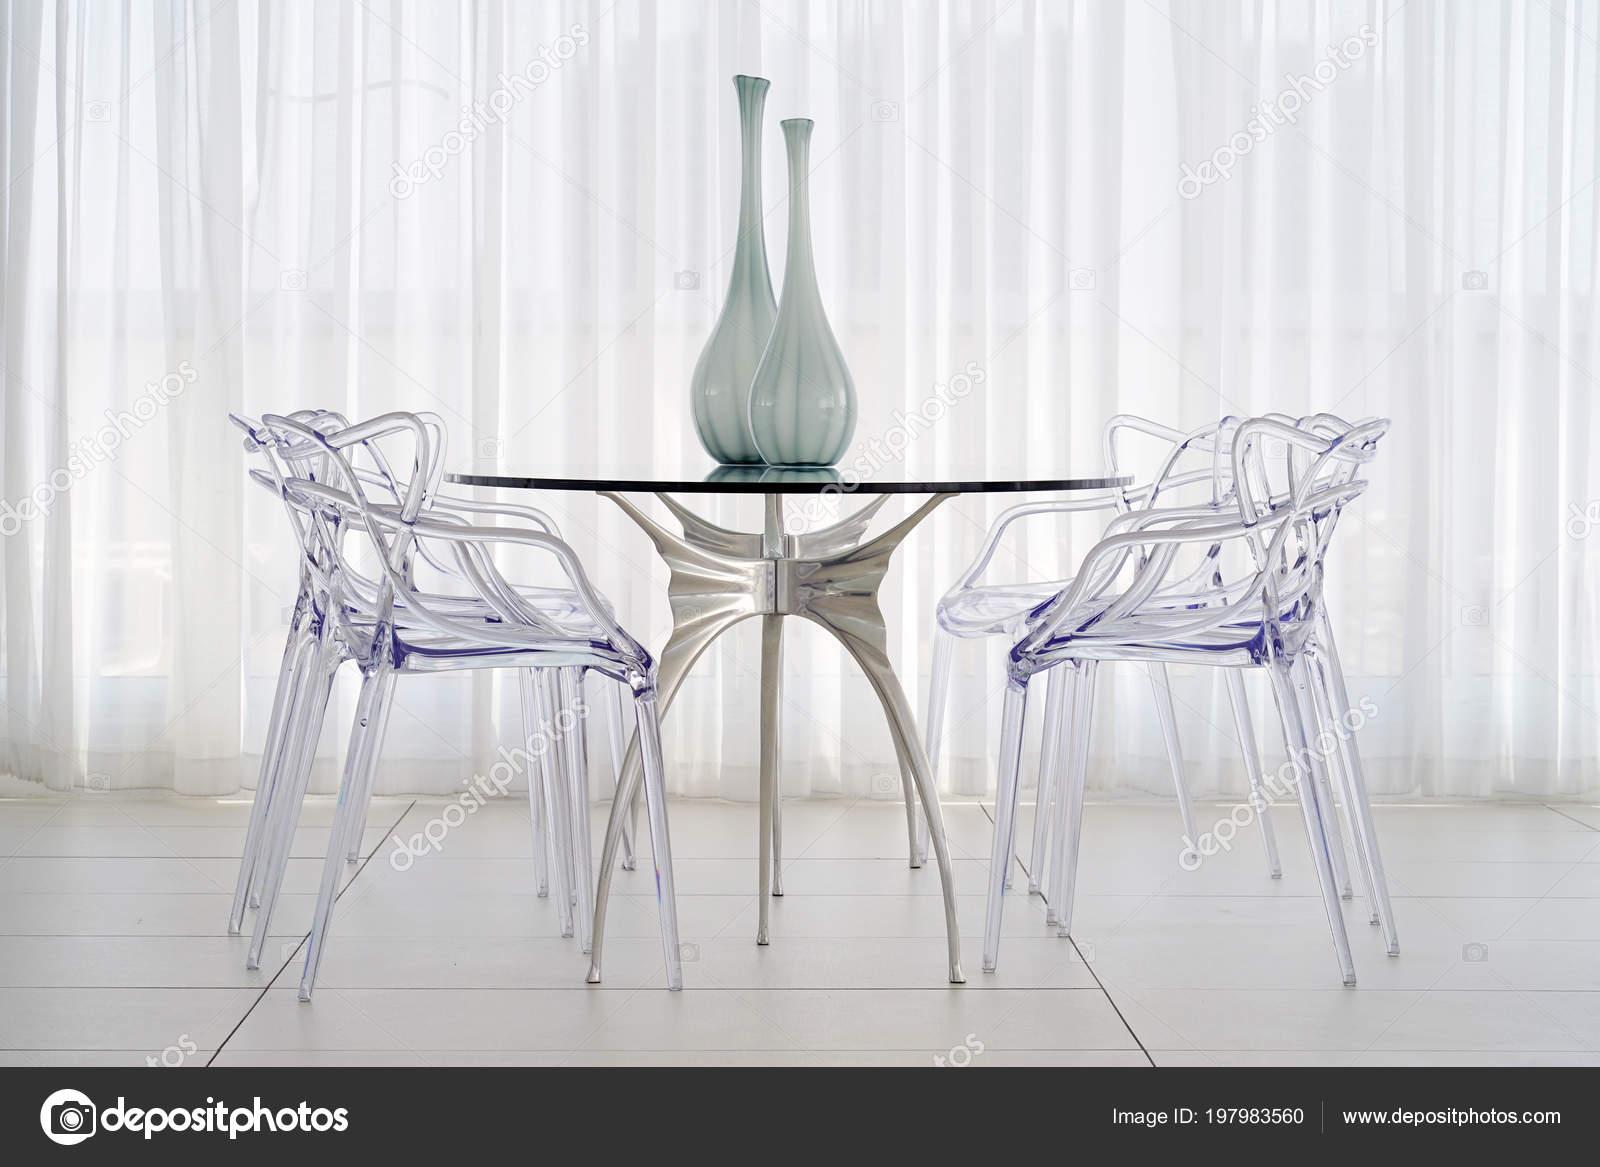 プラスチックの椅子 ホテルのリビング ルームのガラスの花瓶 大きな